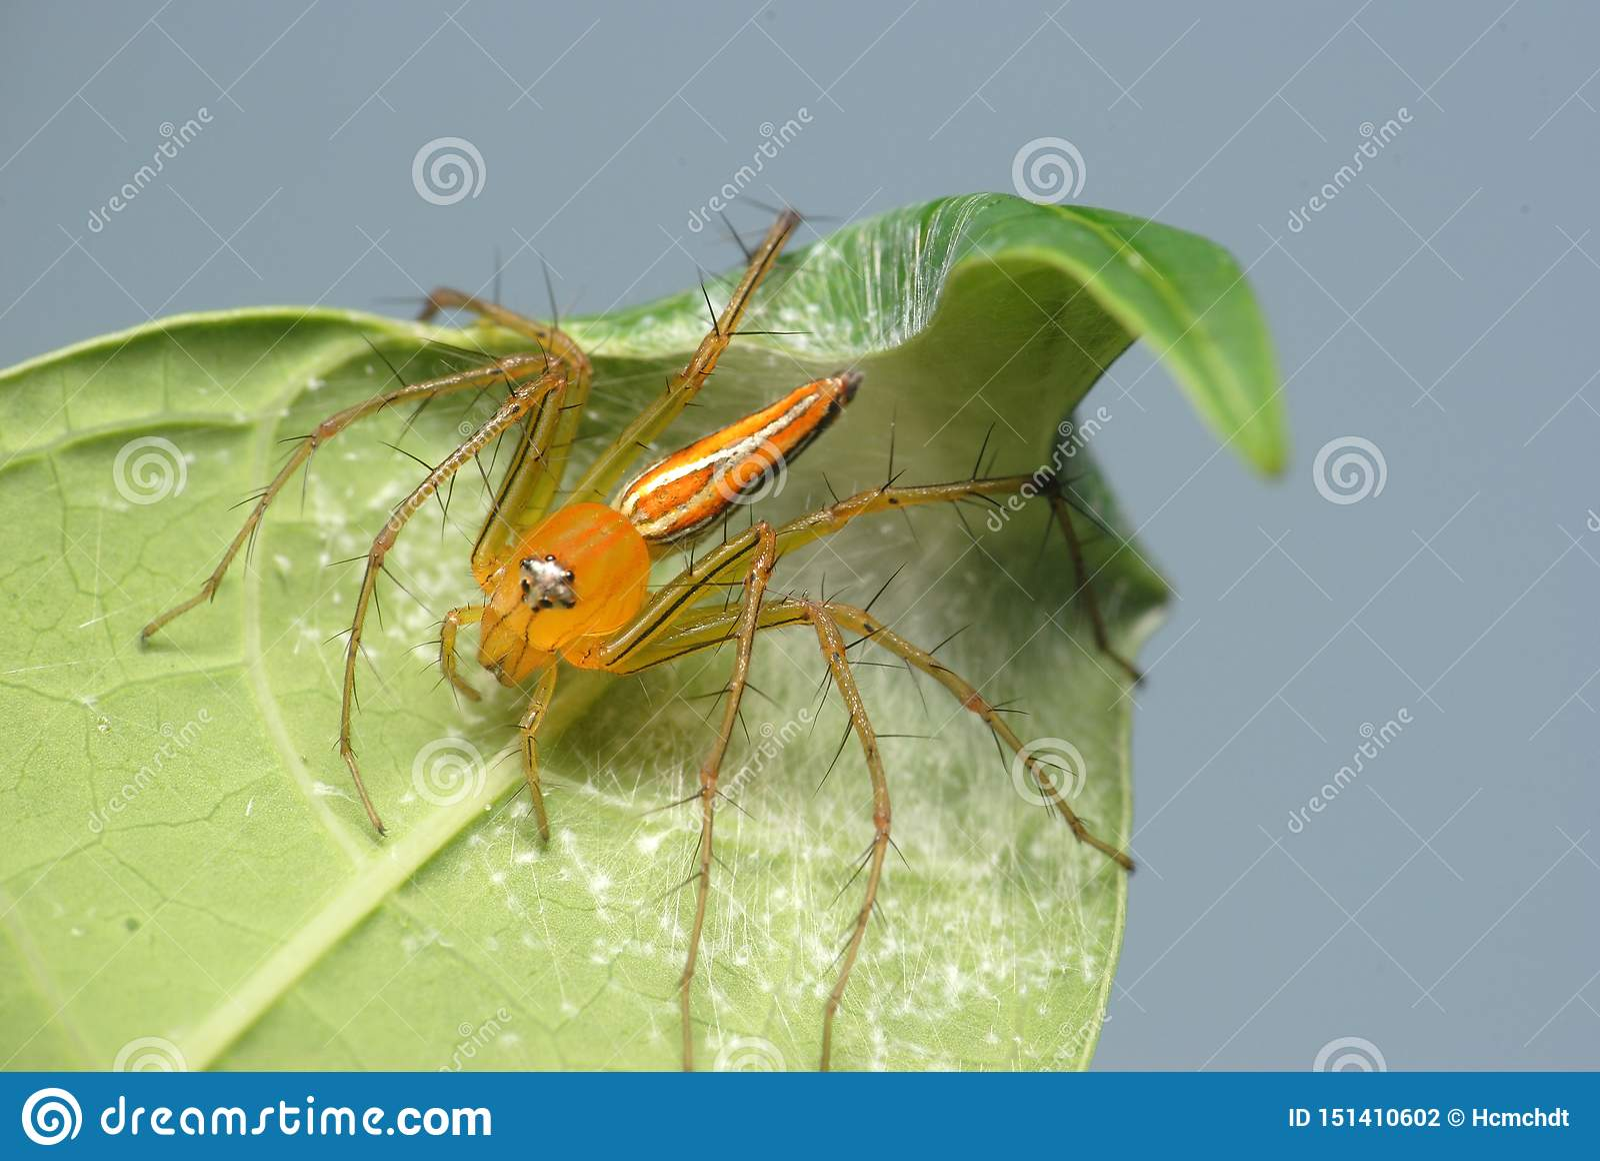 Rysia pająk przy zielonym liściem na zamazanym tle